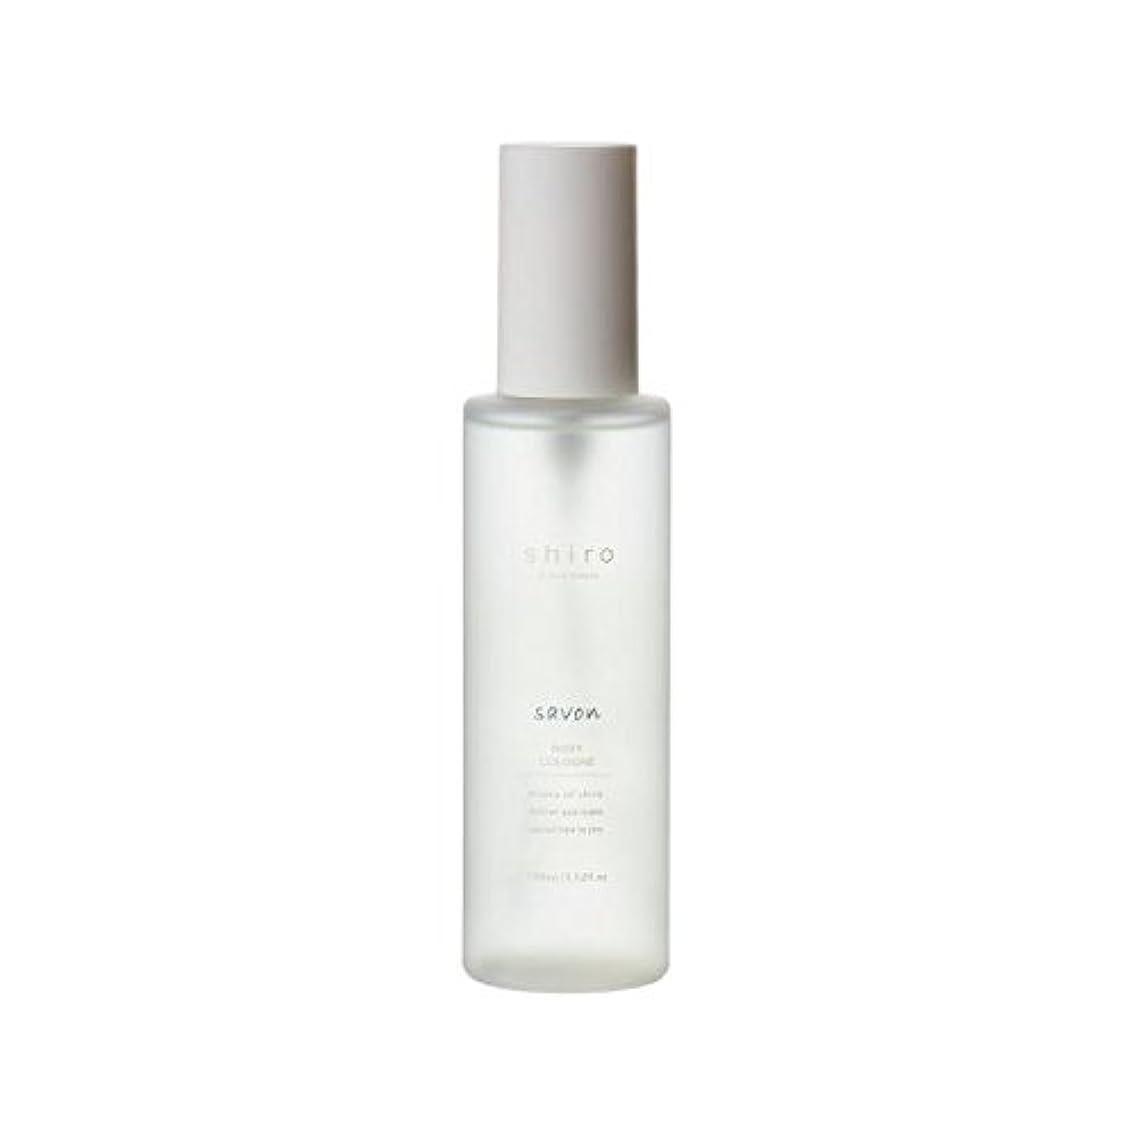 概念ソロ揮発性shiro サボン ボディコロン 100ml 清潔で透明感のある自然な石けんの香り ミスト シロ